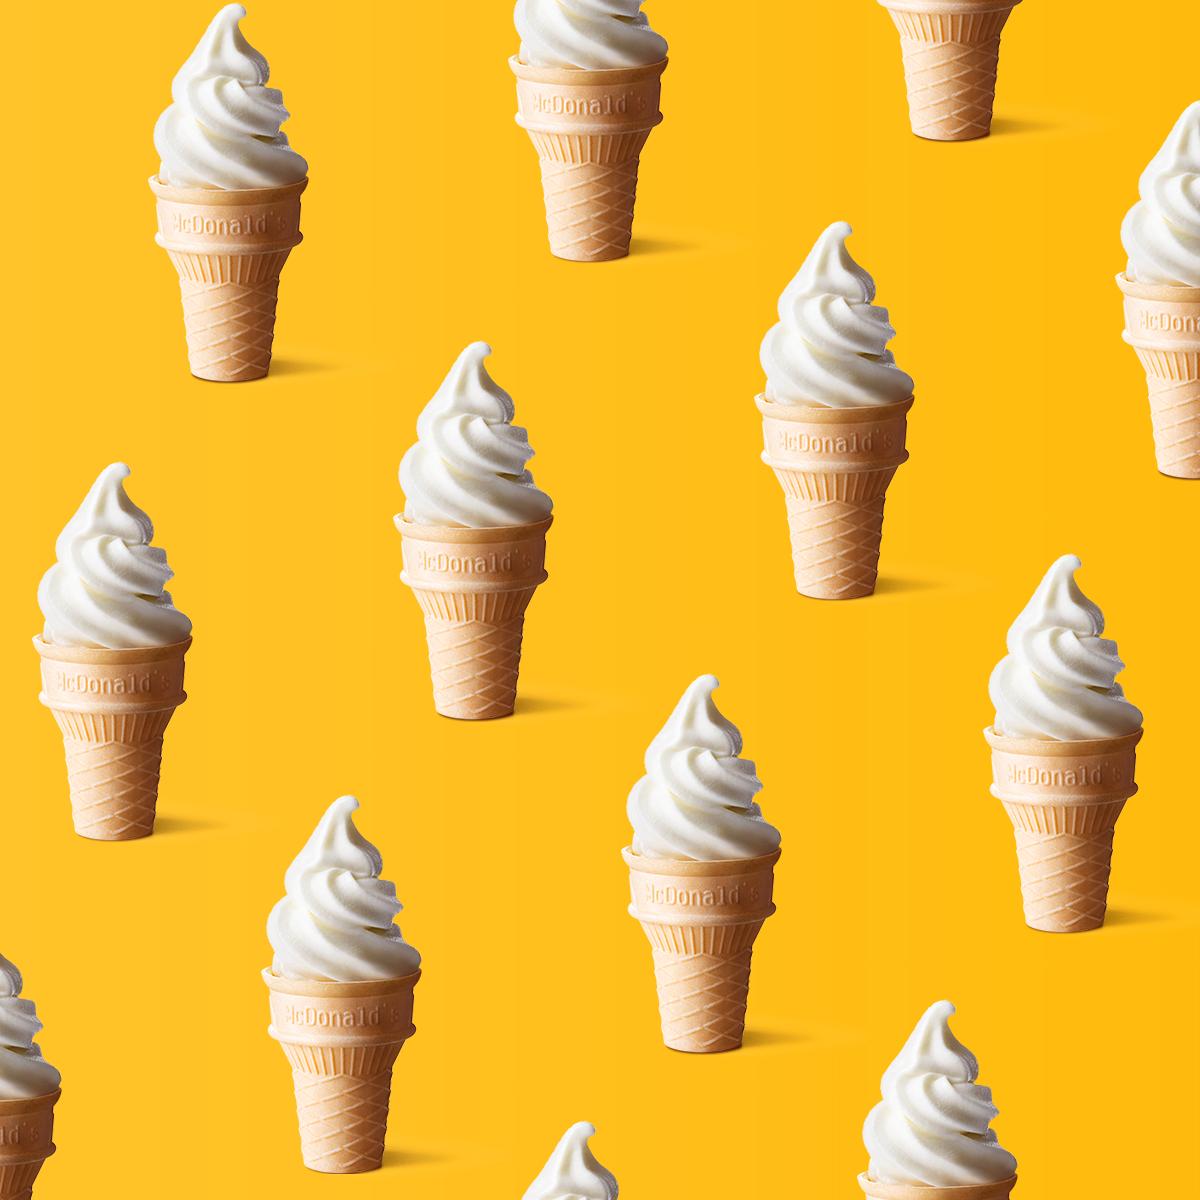 麥當勞蛋捲冰淇淋、全家霜淇淋「只要1元」!超狂冰品限時特賣,還有1元口罩等好康